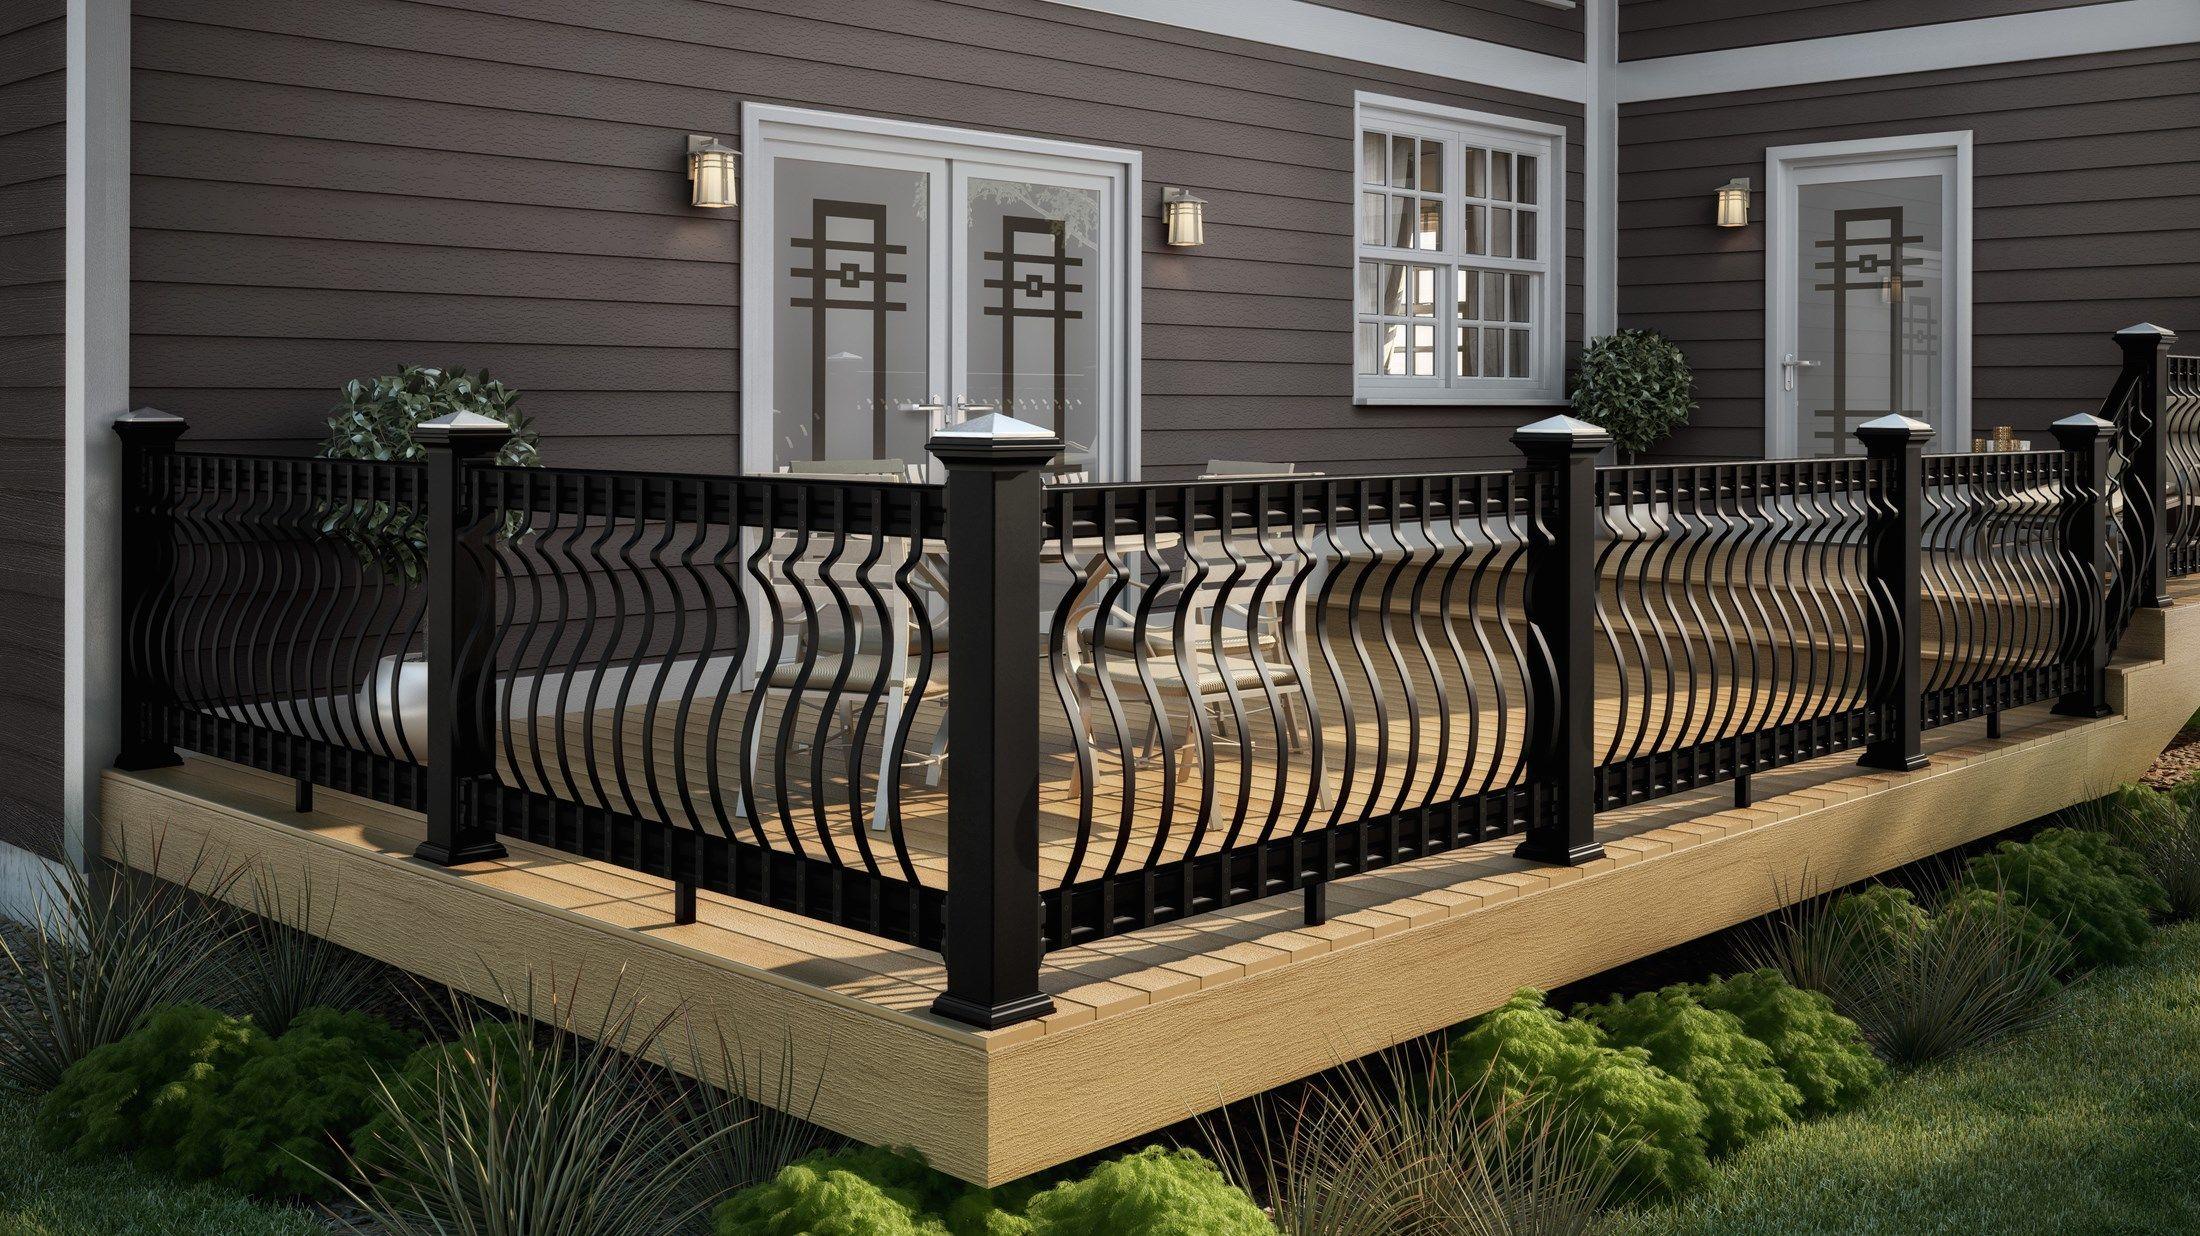 decks.com. deck railing ideas - Patio Railing Ideas